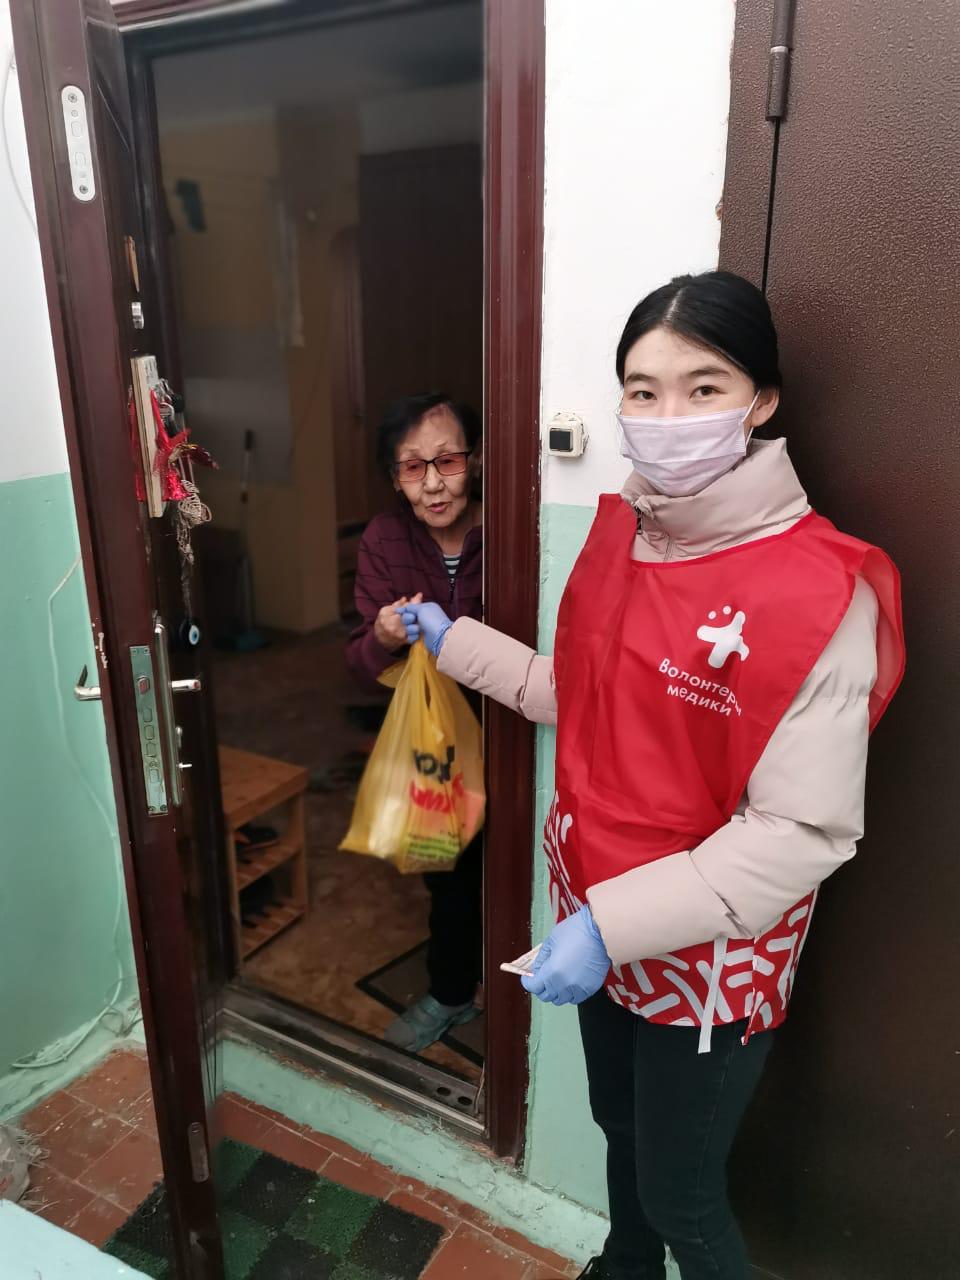 В Якутске волонтеры оказывают помощь пожилым людям